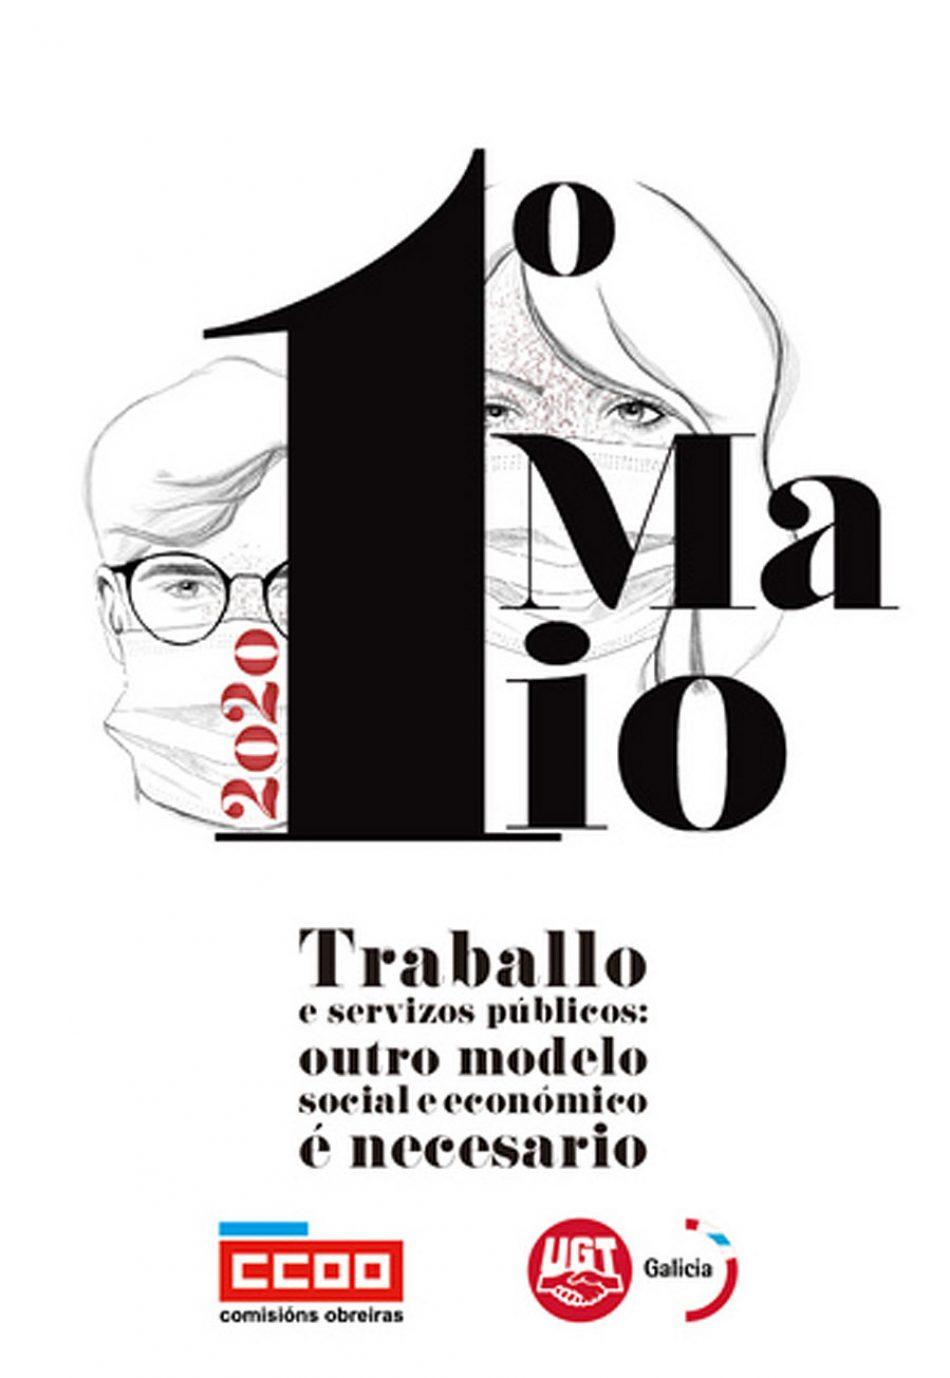 CCOO Galicia / UGT Galicia: Traballo e servizos públicos: outro modelo social e económico é necesario no Primeiro de Maio